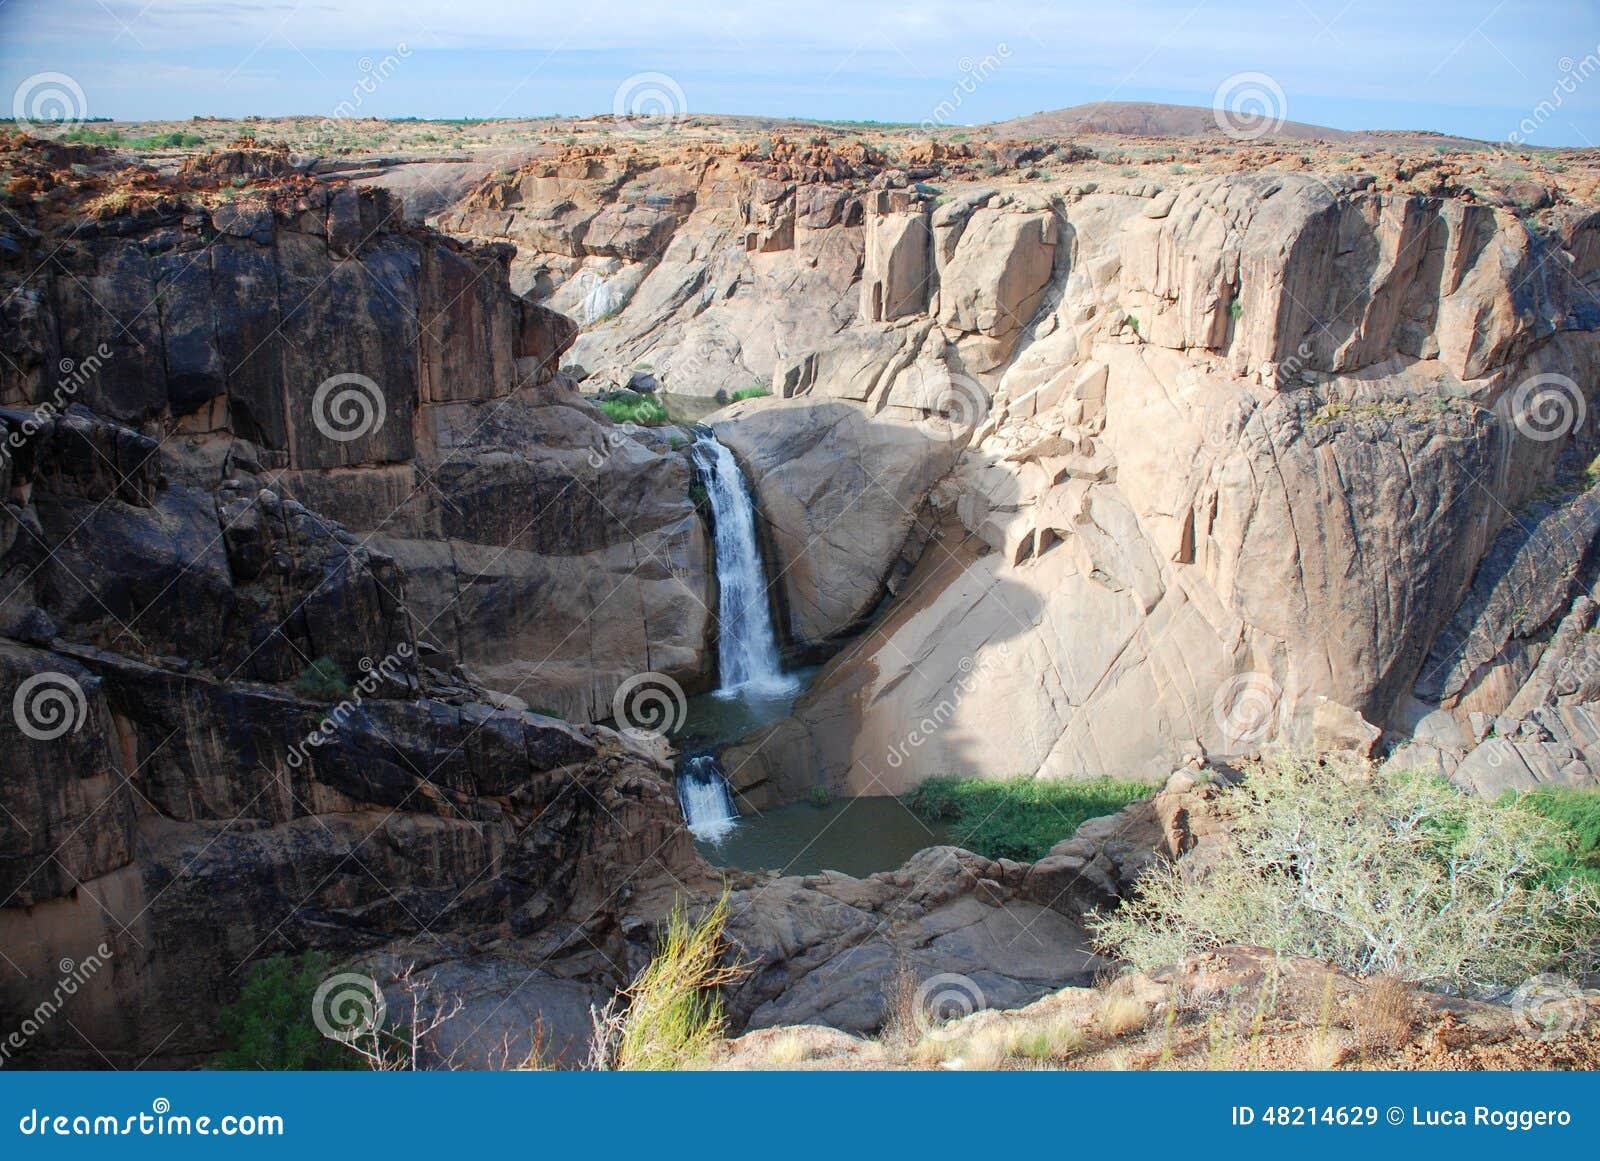 Падение пункта стрелки Оранжевый каньон реки на Augrabies падает национальный парк Северная плаща-накидк, Южная Африка